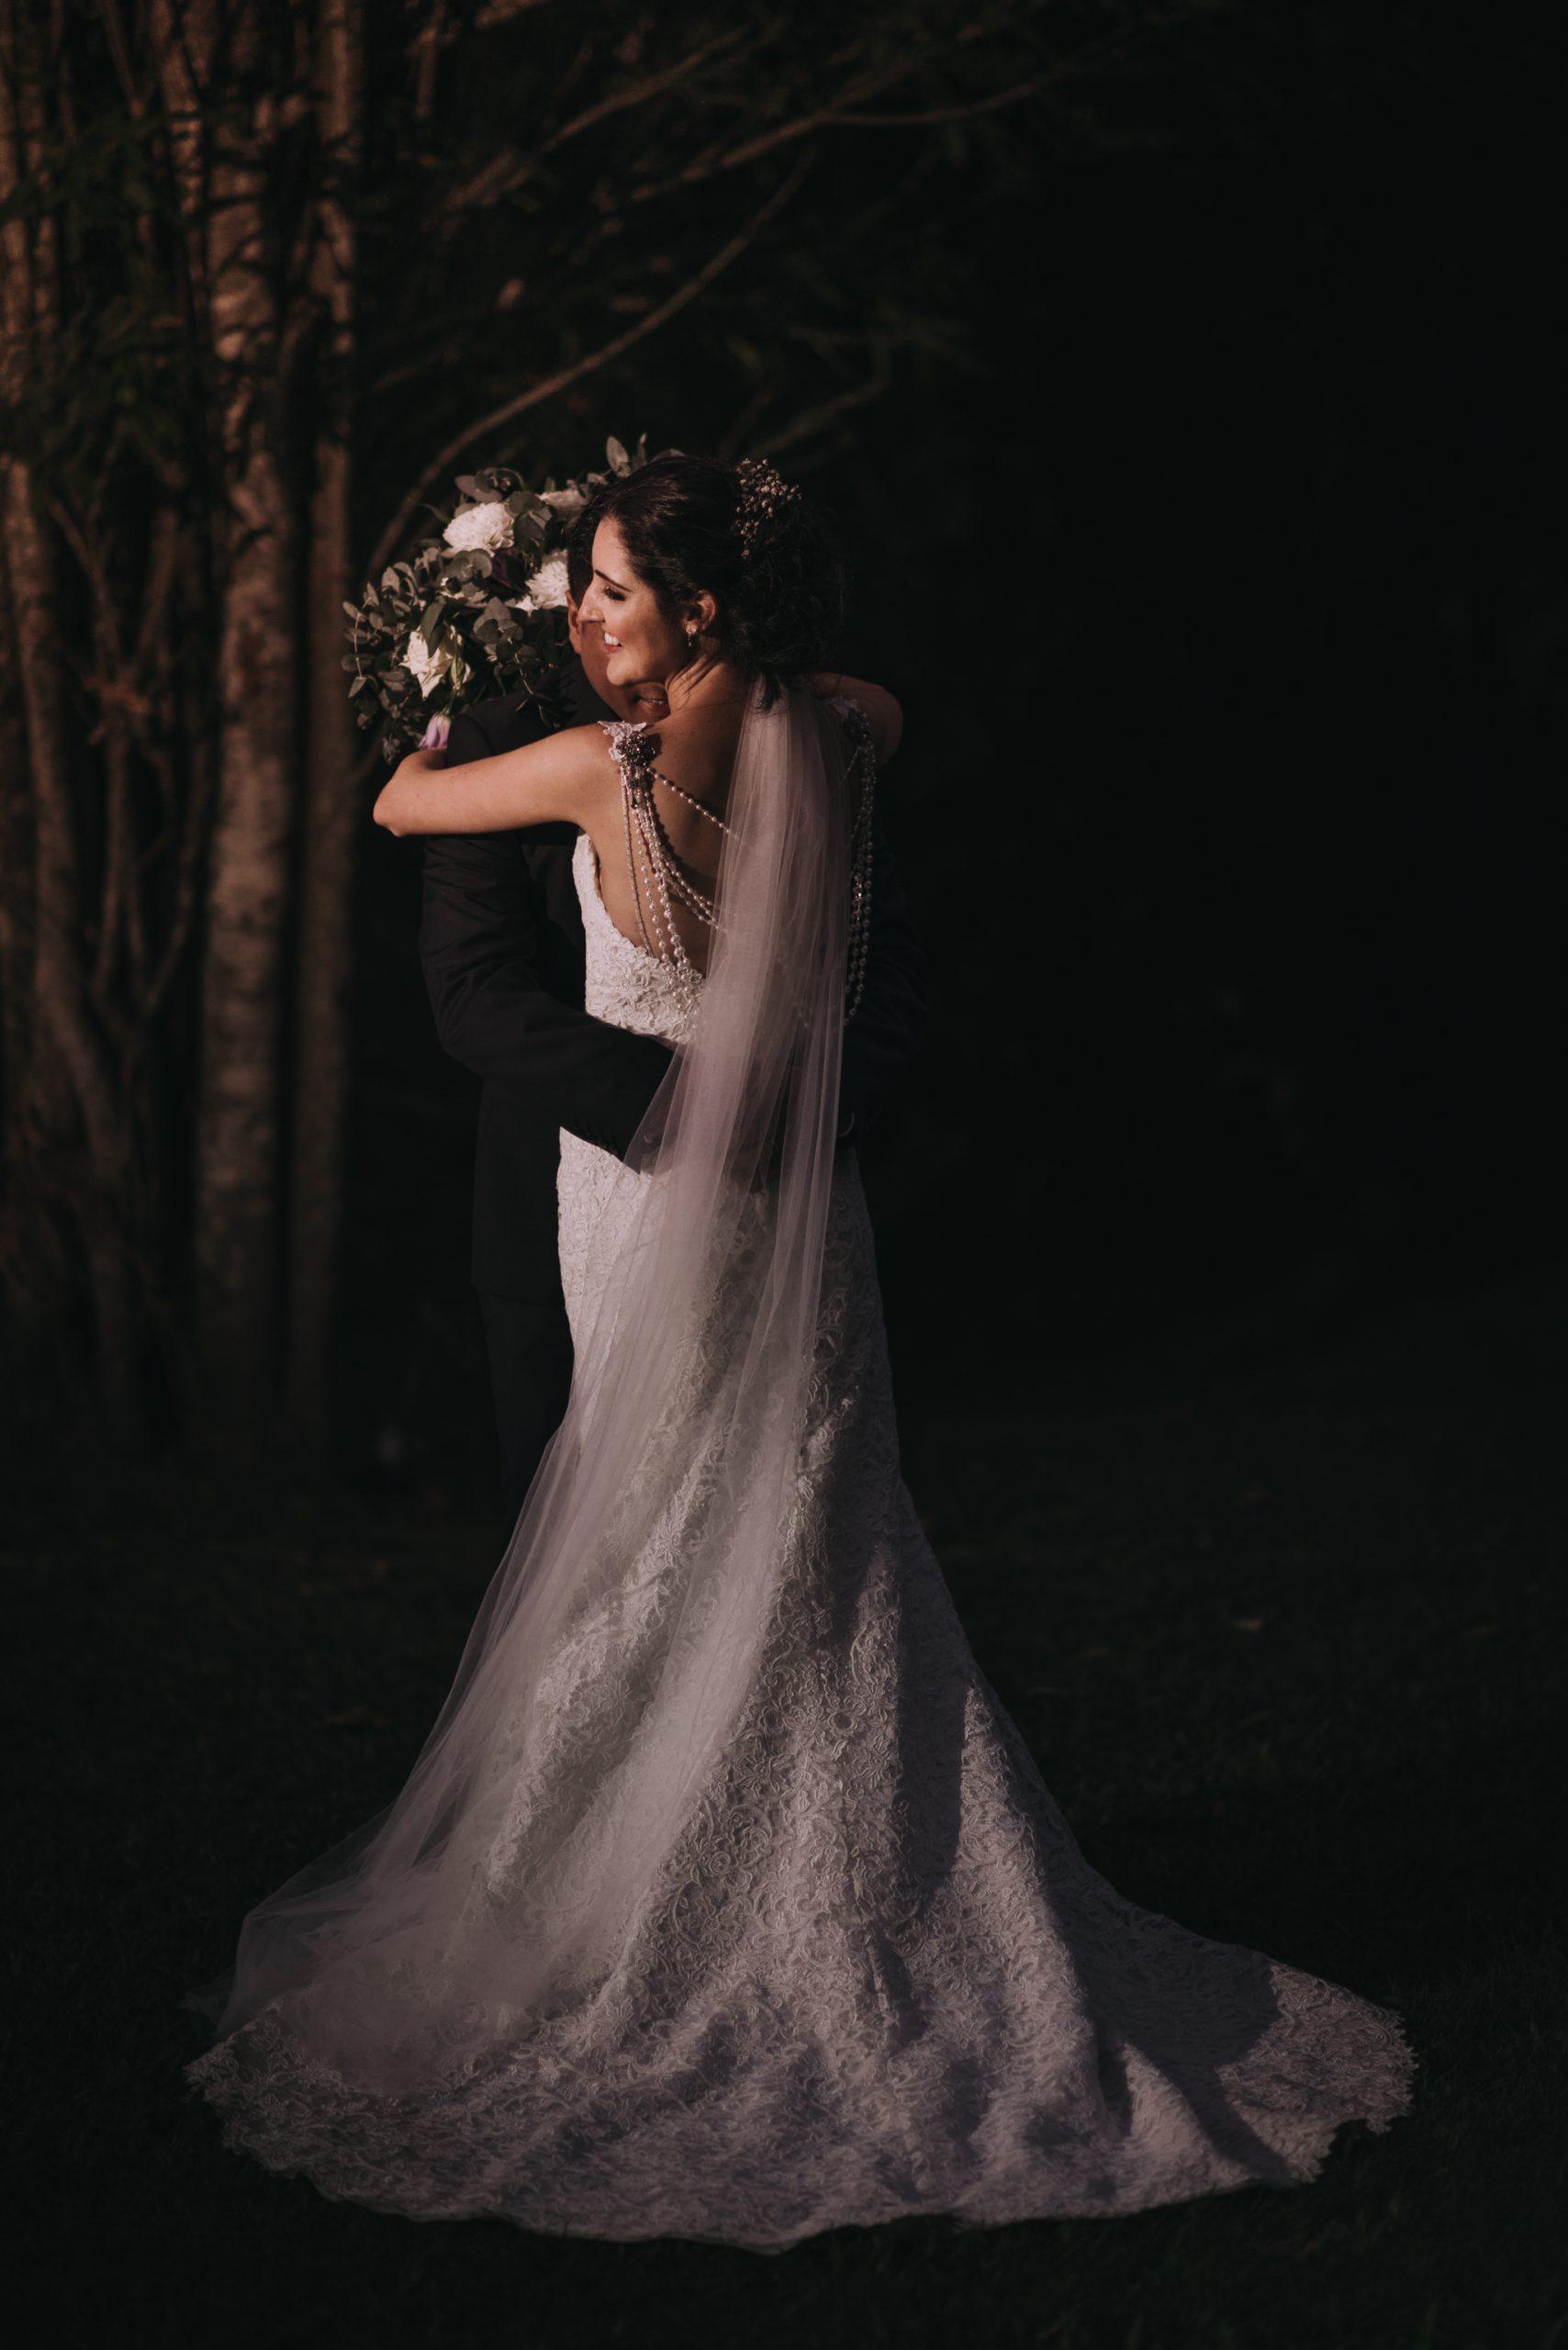 Wedding Dress Hire Gold Coast - Carley